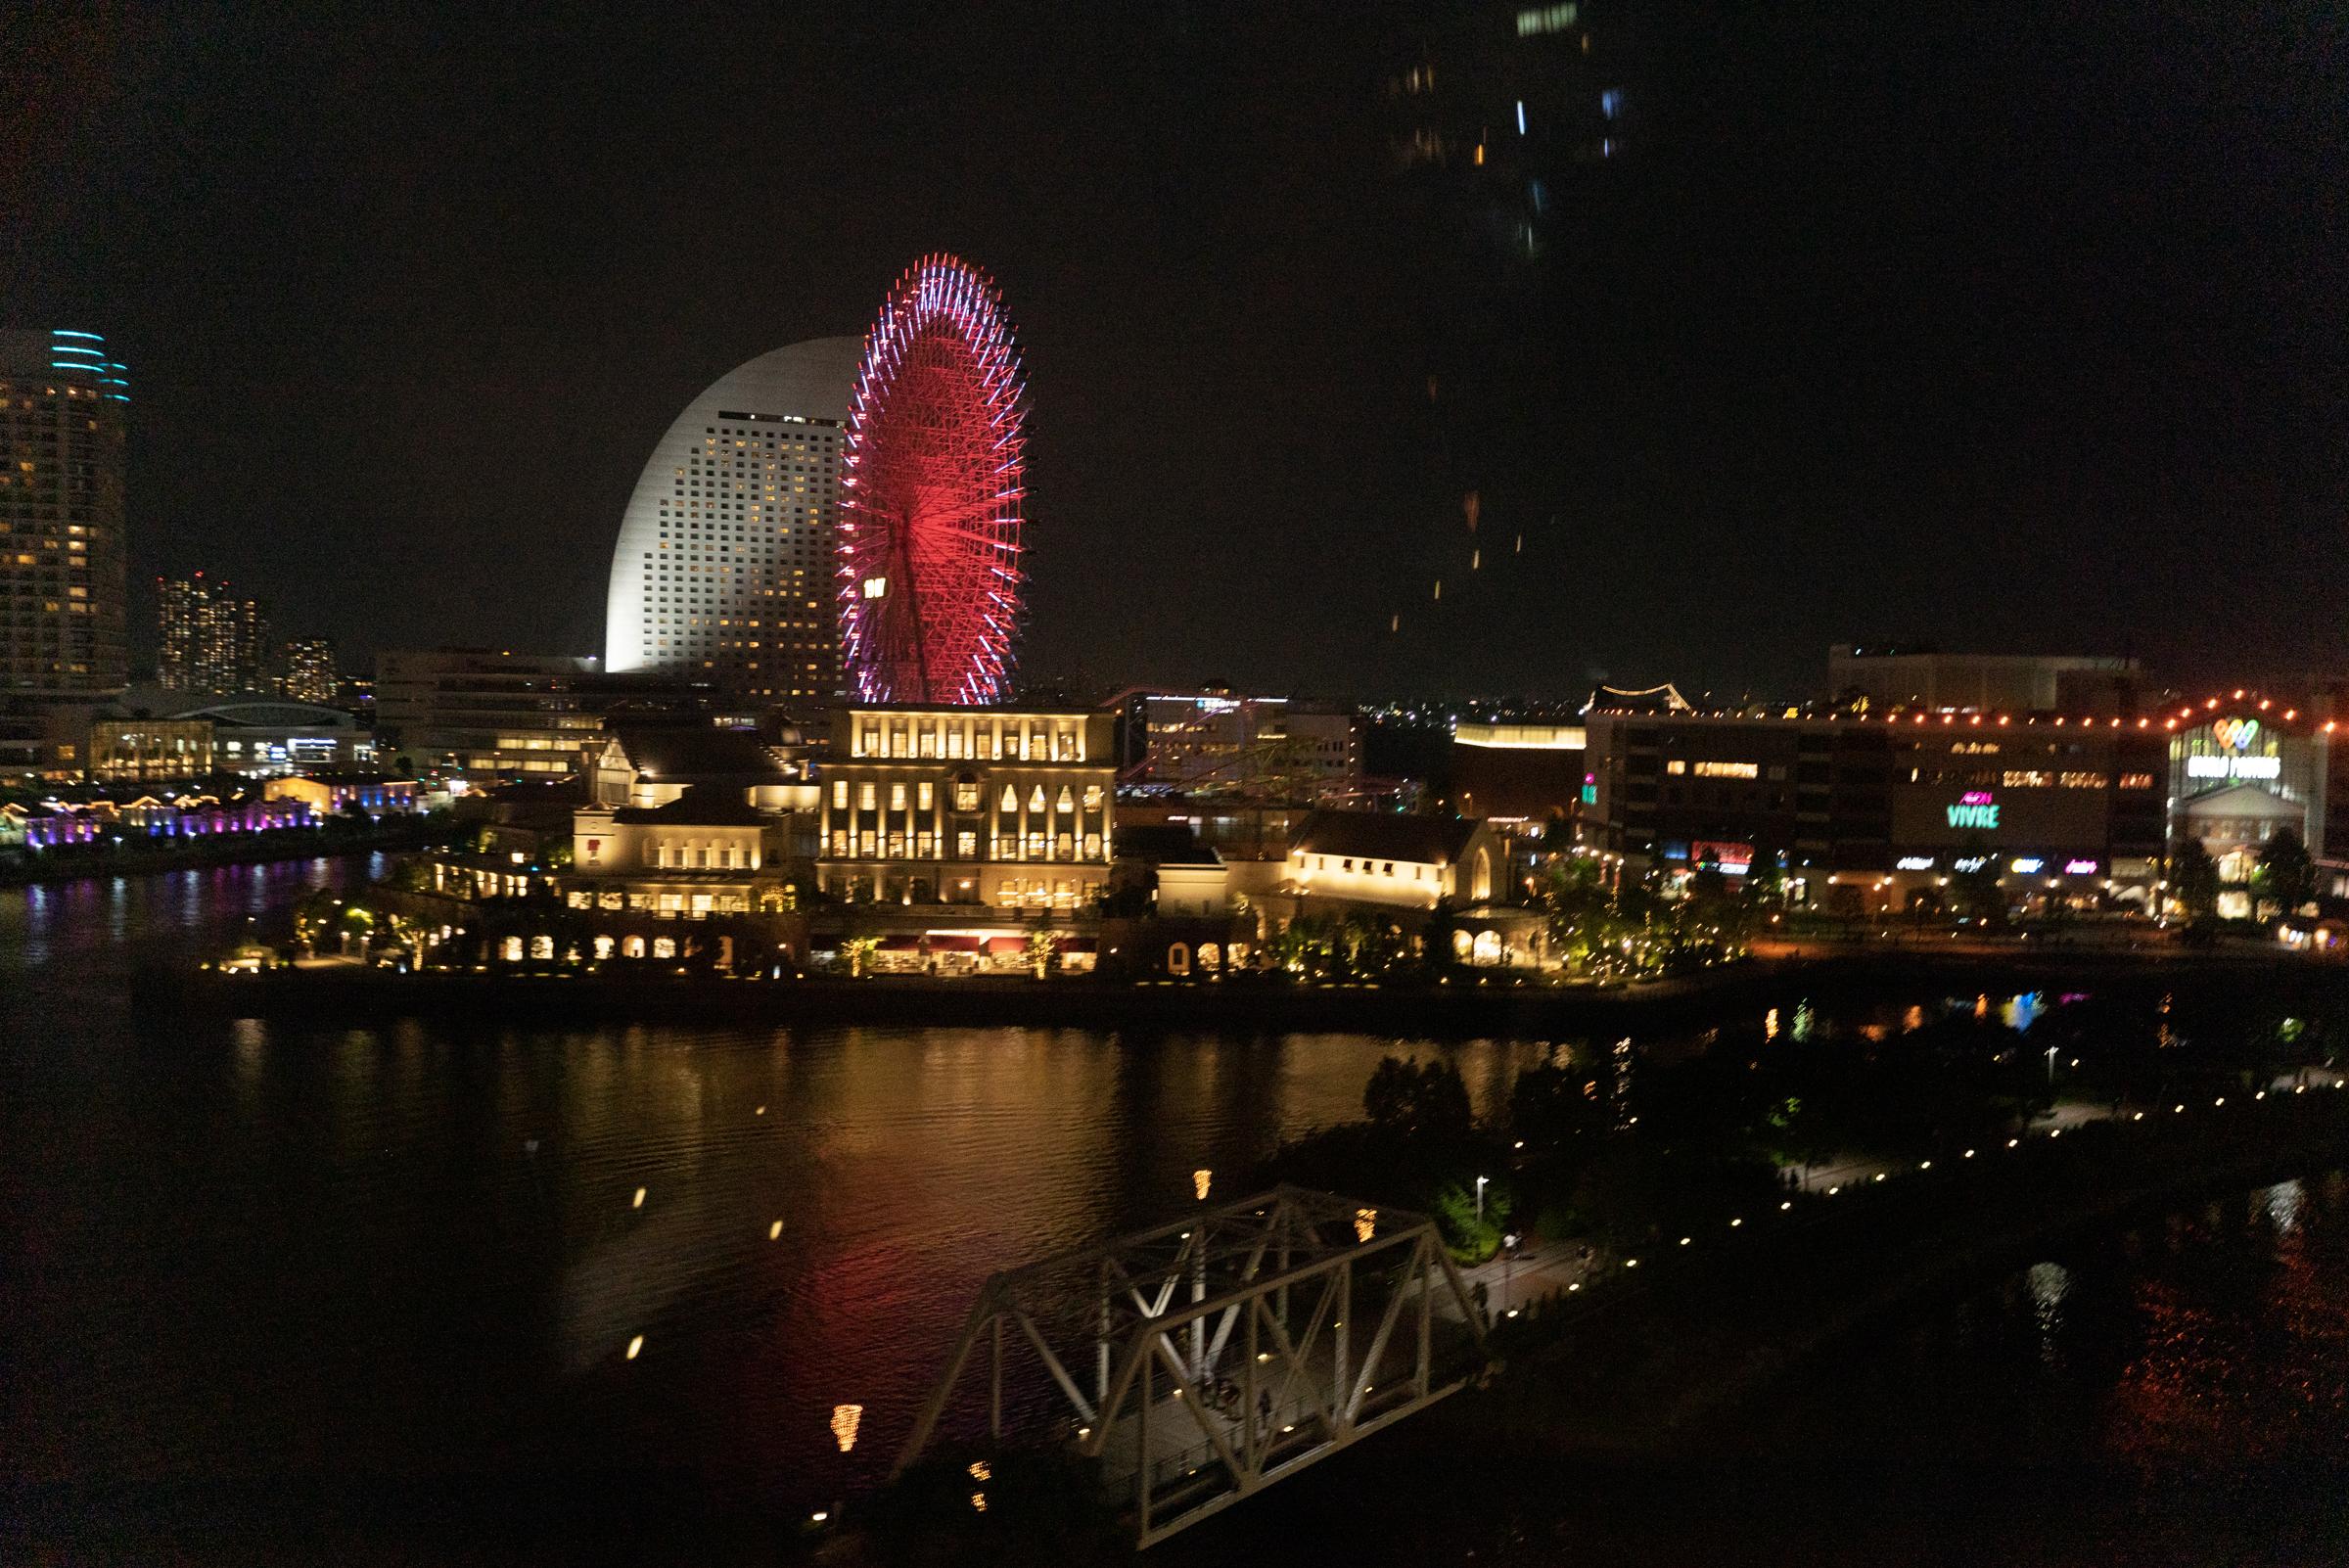 ロープウェイ みなとみらい 横浜ロープウェイ桜木町駅と運河パーク駅から空中散歩!乗ってみた感想とみなとみらいの景色  